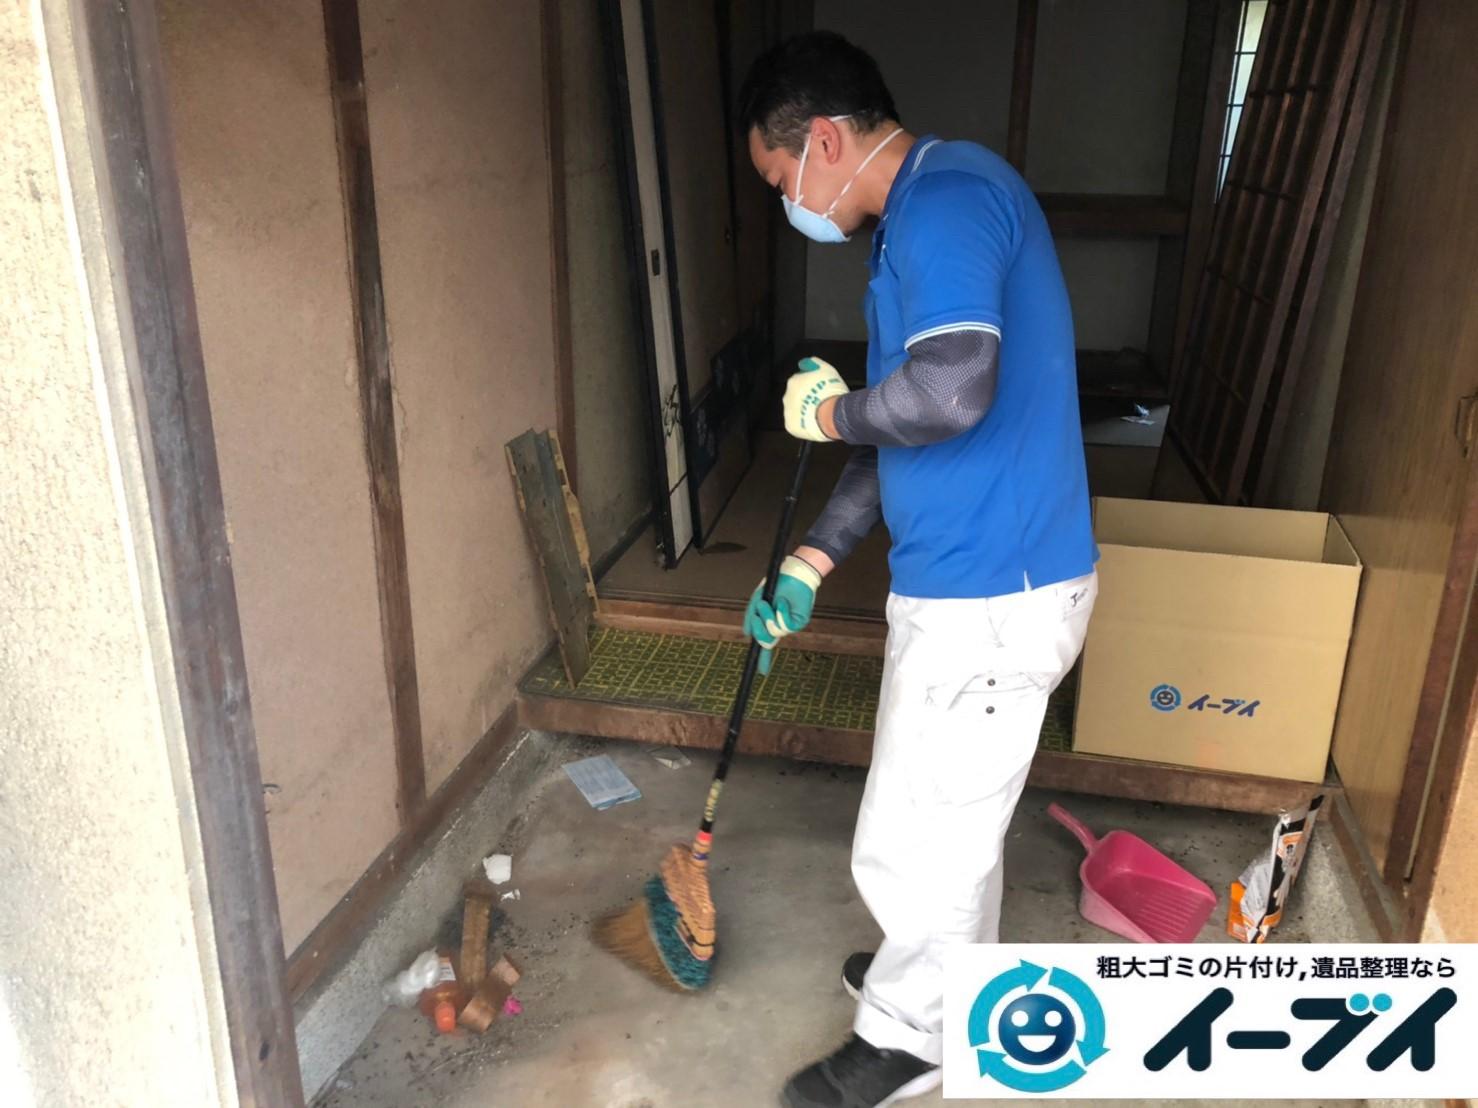 2019年12月5日大阪府大阪市港区で不用品回収させていただいた後の、ゴミなどの散乱した片付け作業。写真2